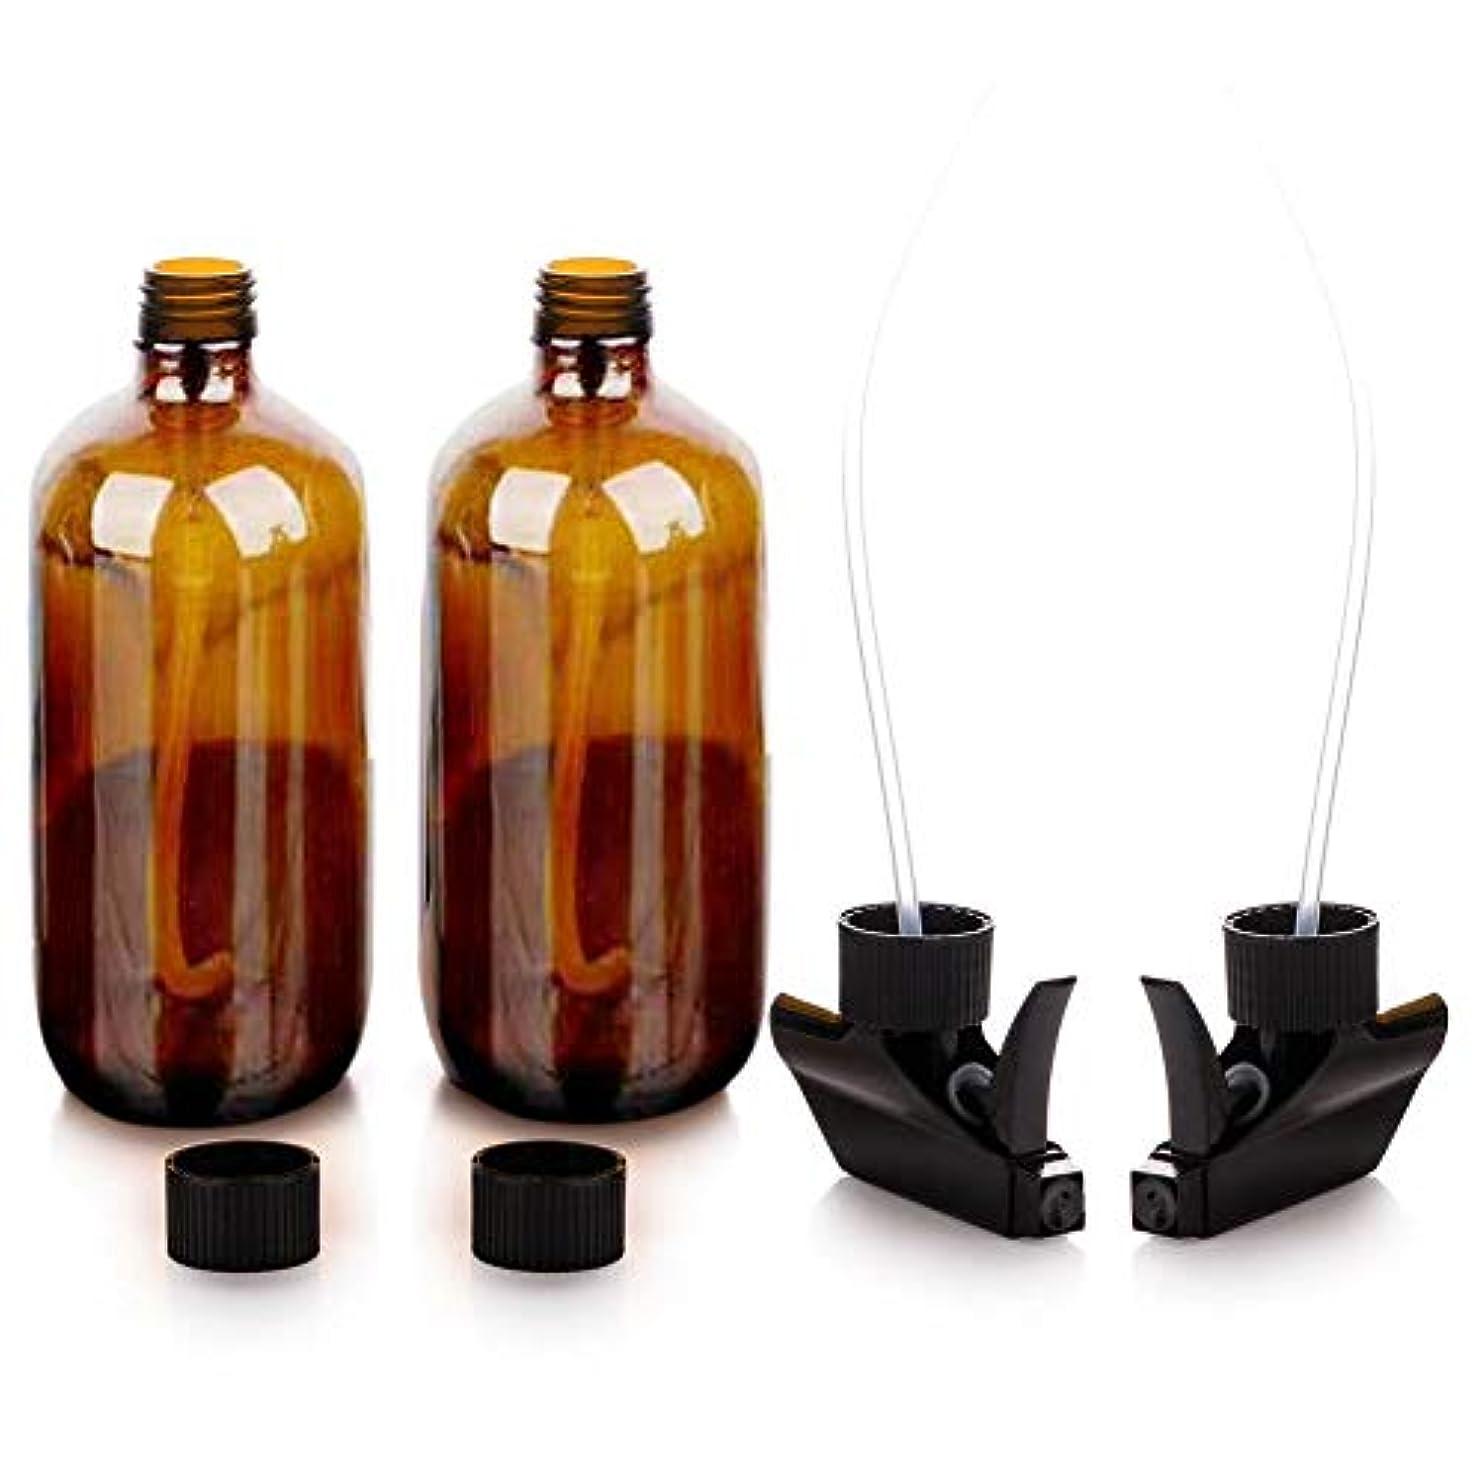 年金矢印ブルスプレーボトル 遮光瓶 ガラス 微細 ミスト噴霧器 サロン理髪スプレー 植栽ツール 2ボトルキャップ付き 茶色